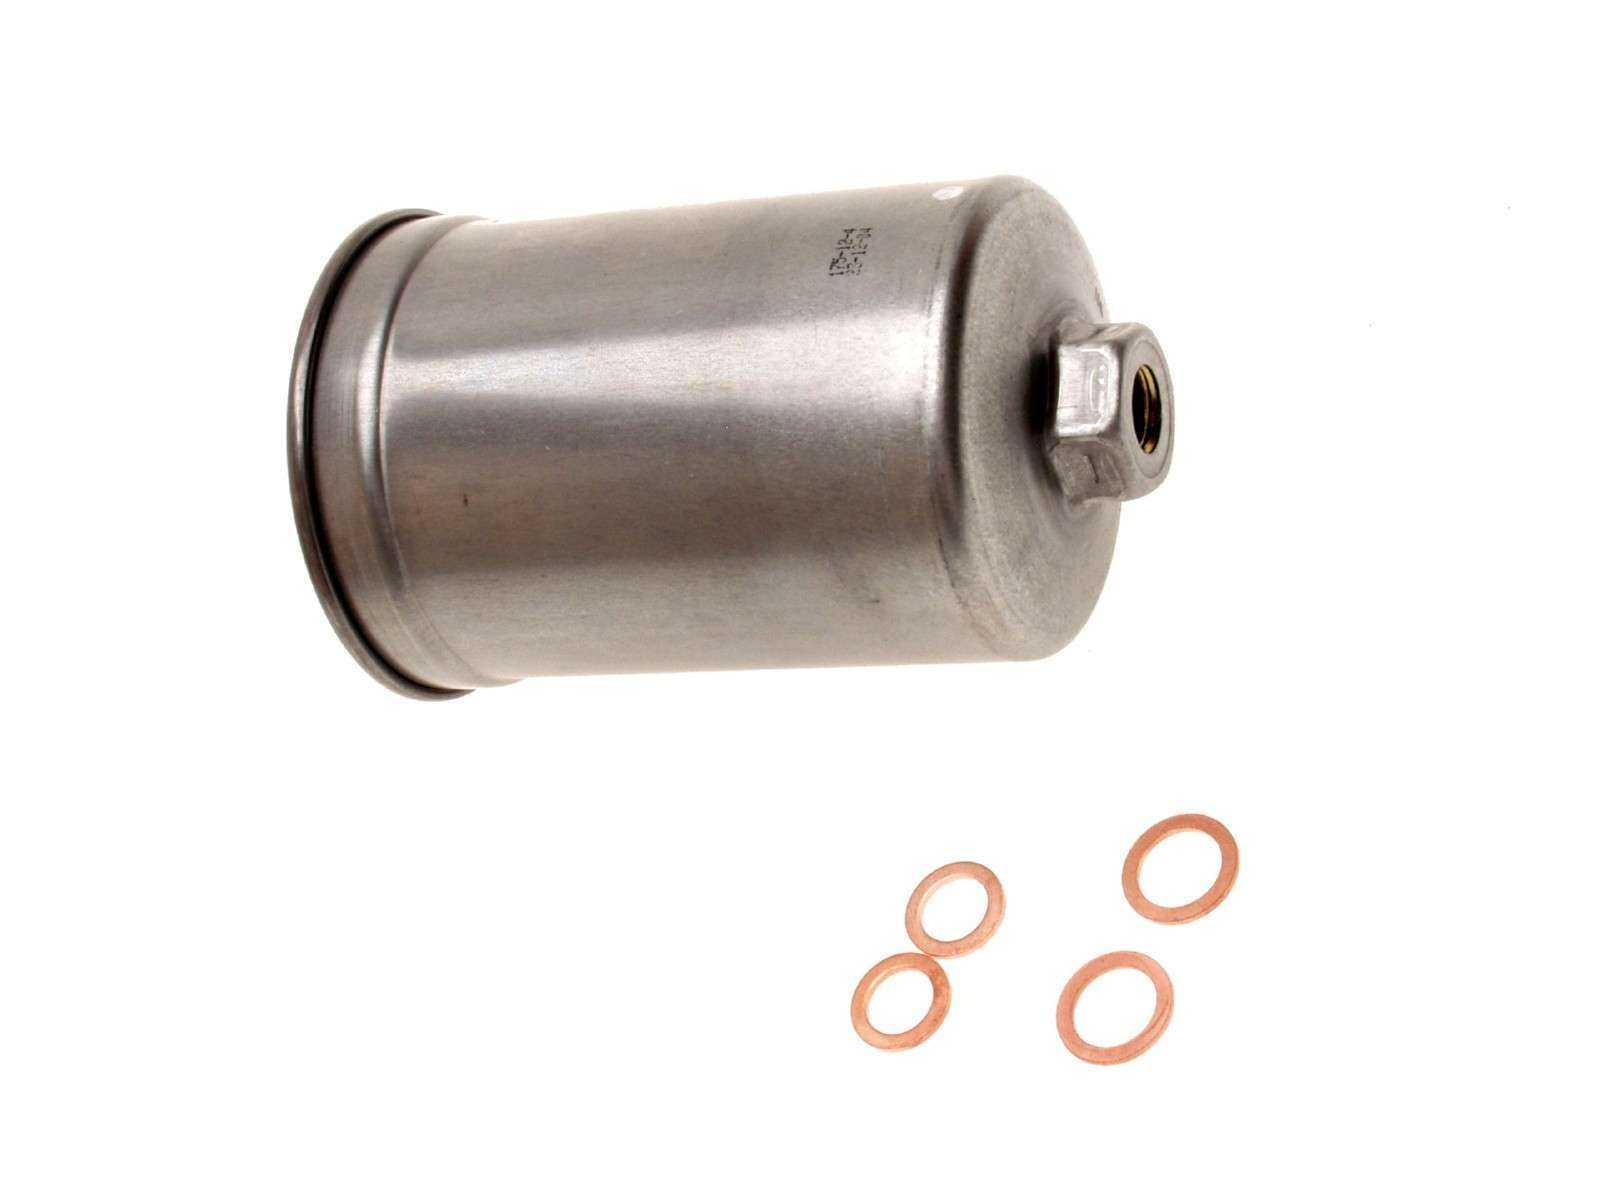 hight resolution of fuel filter volvo 240 260 360 740 760 780 940